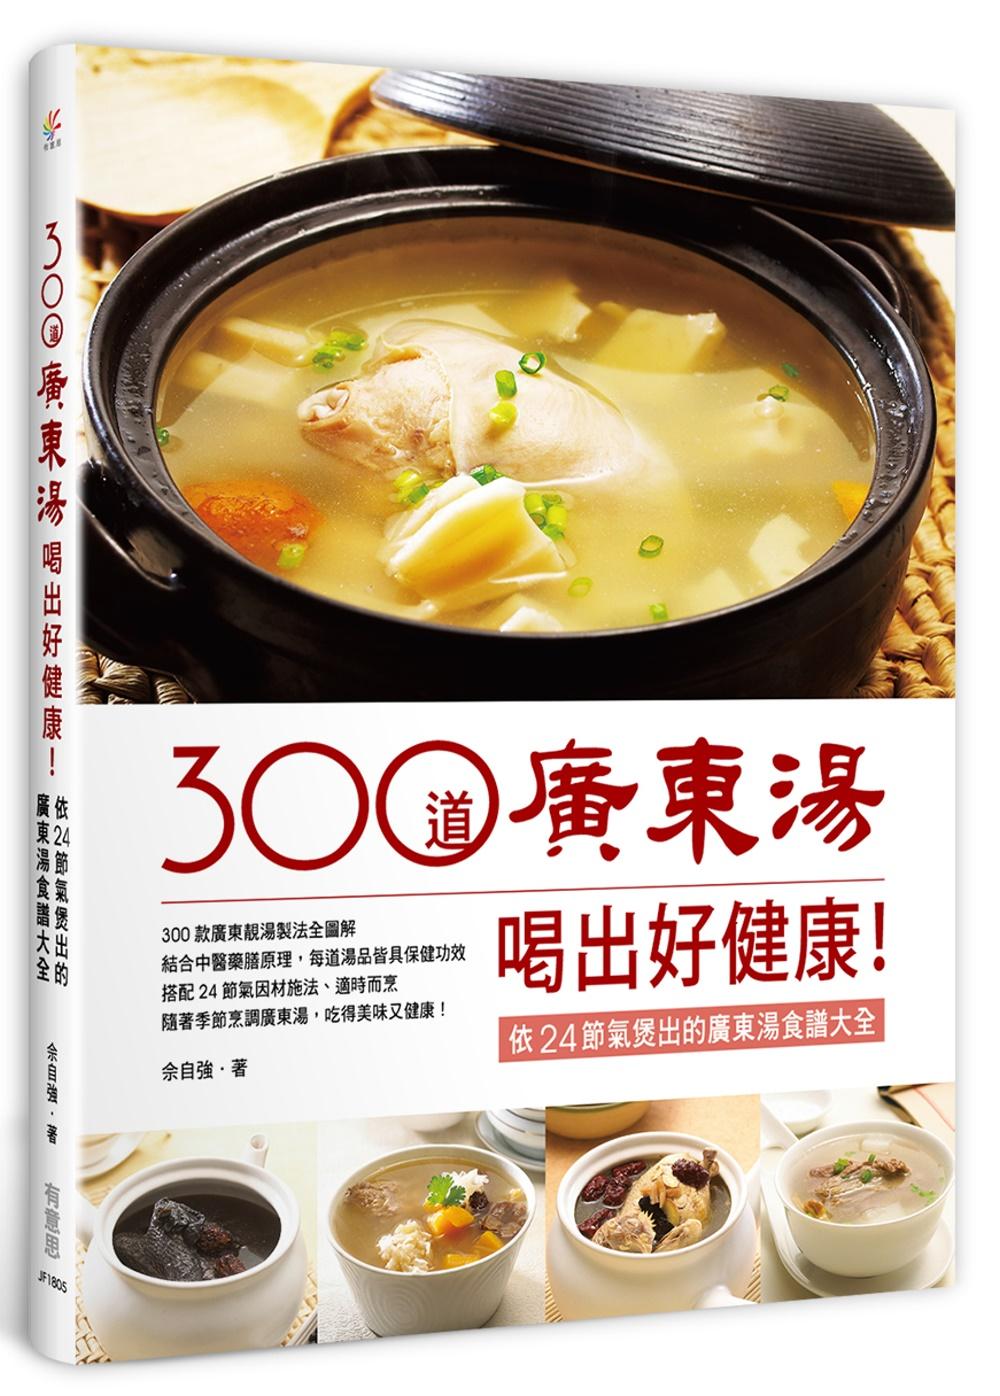 300道廣東湯,喝出好健康!依24節氣煲出的廣東湯食譜大全